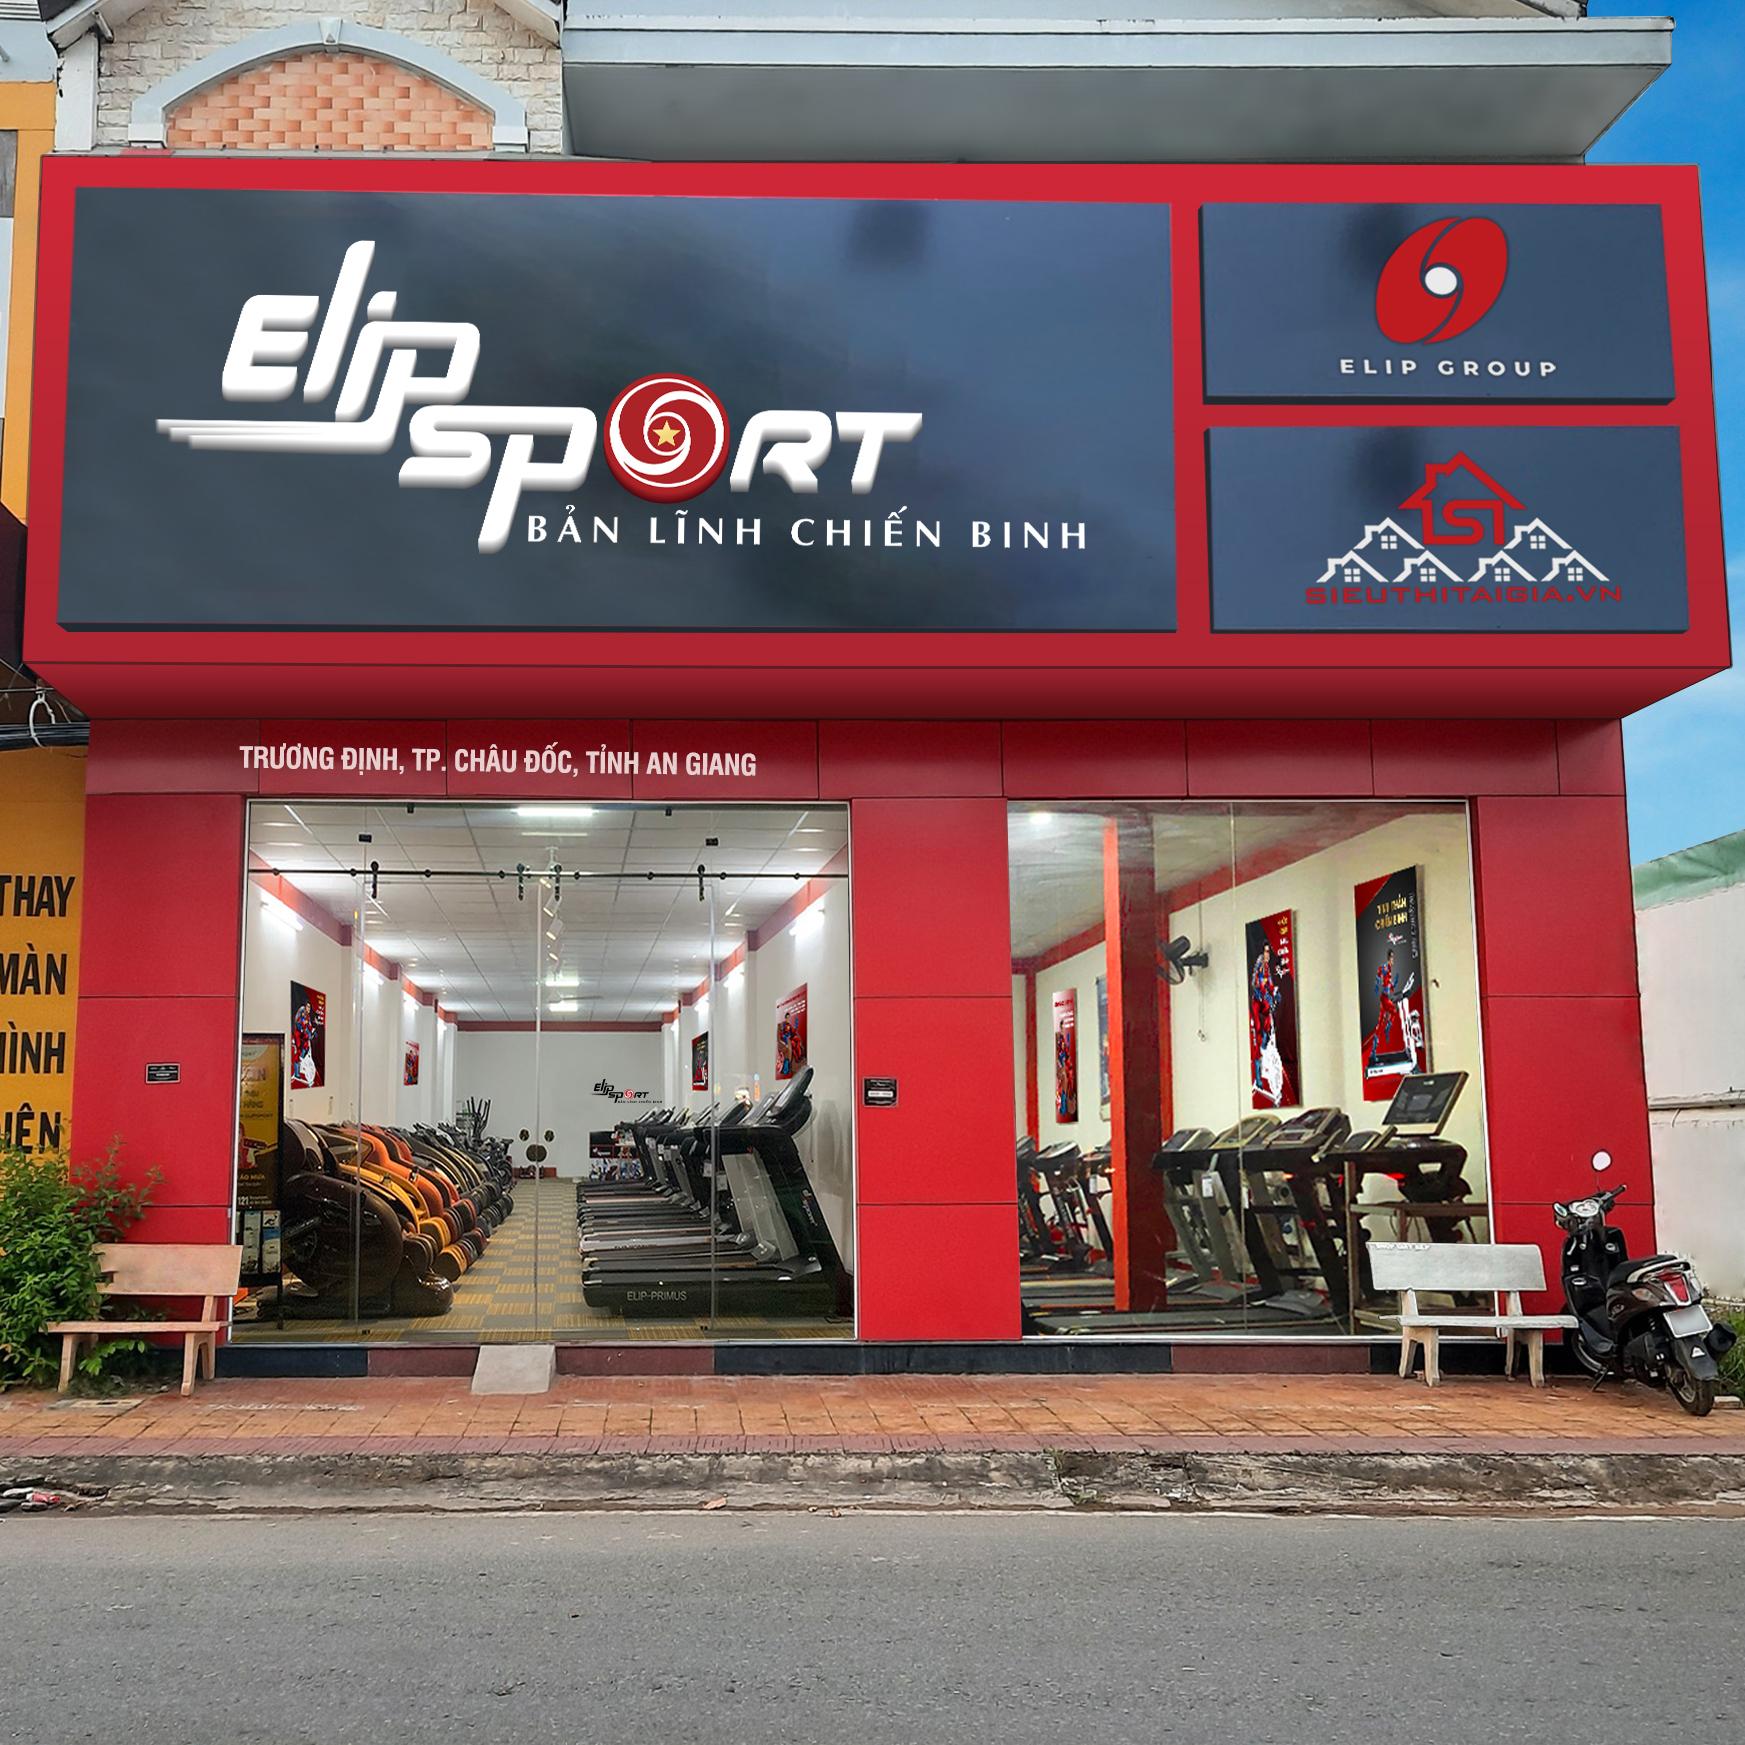 Chi nhánh Elipsport Tp.Châu Đốc